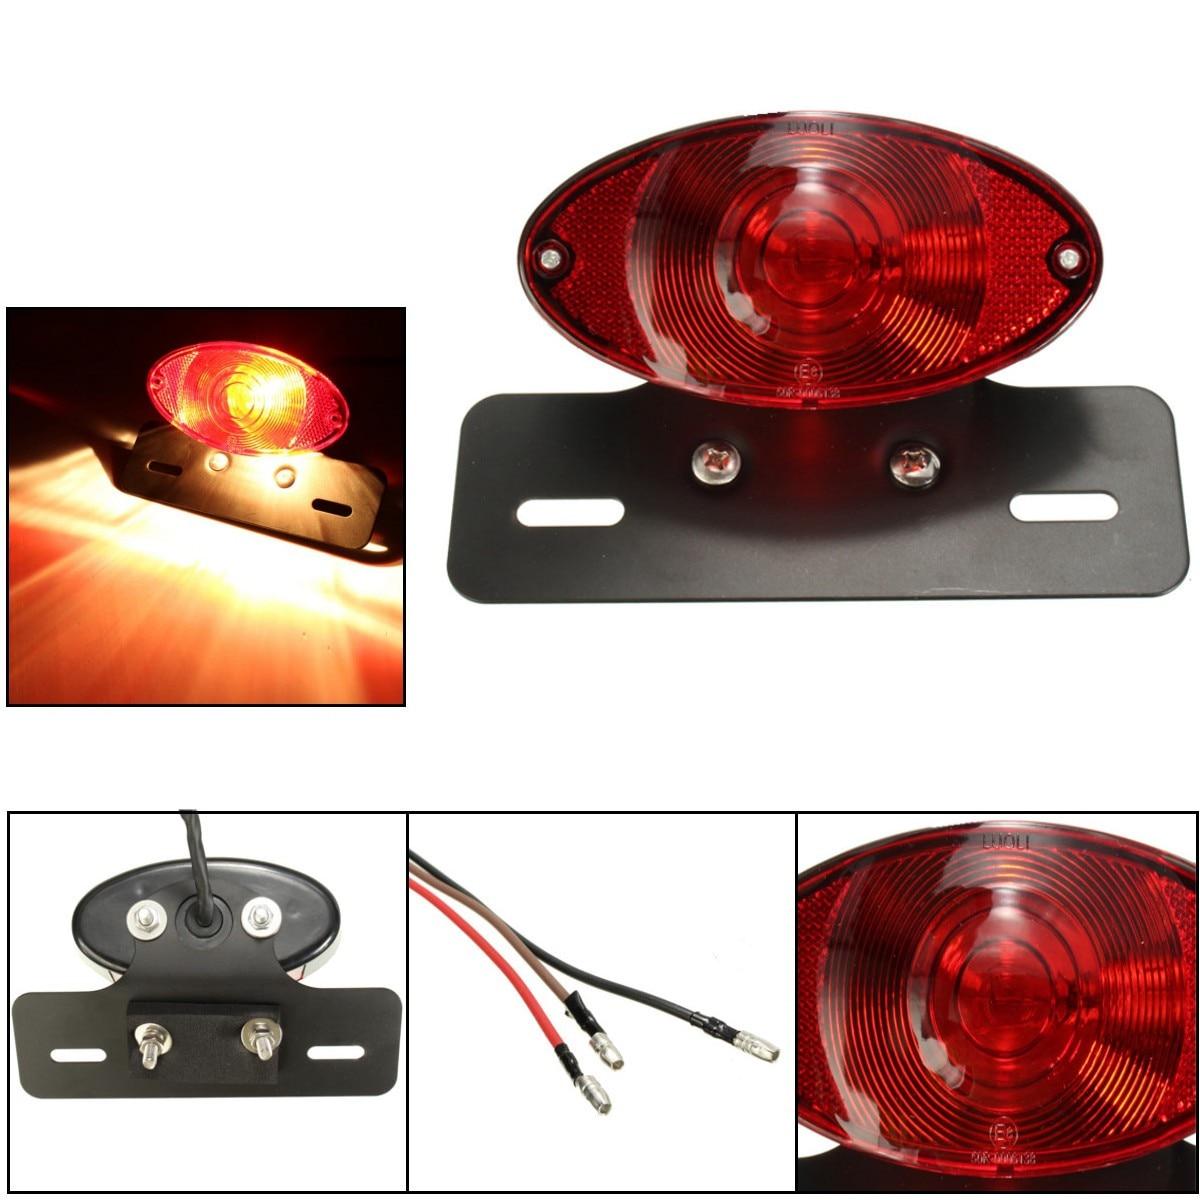 Мотоцикл кошки глаза фонарь с черным кронштейн держатель 5 Вт лампы E8 отмечены утвержден ...